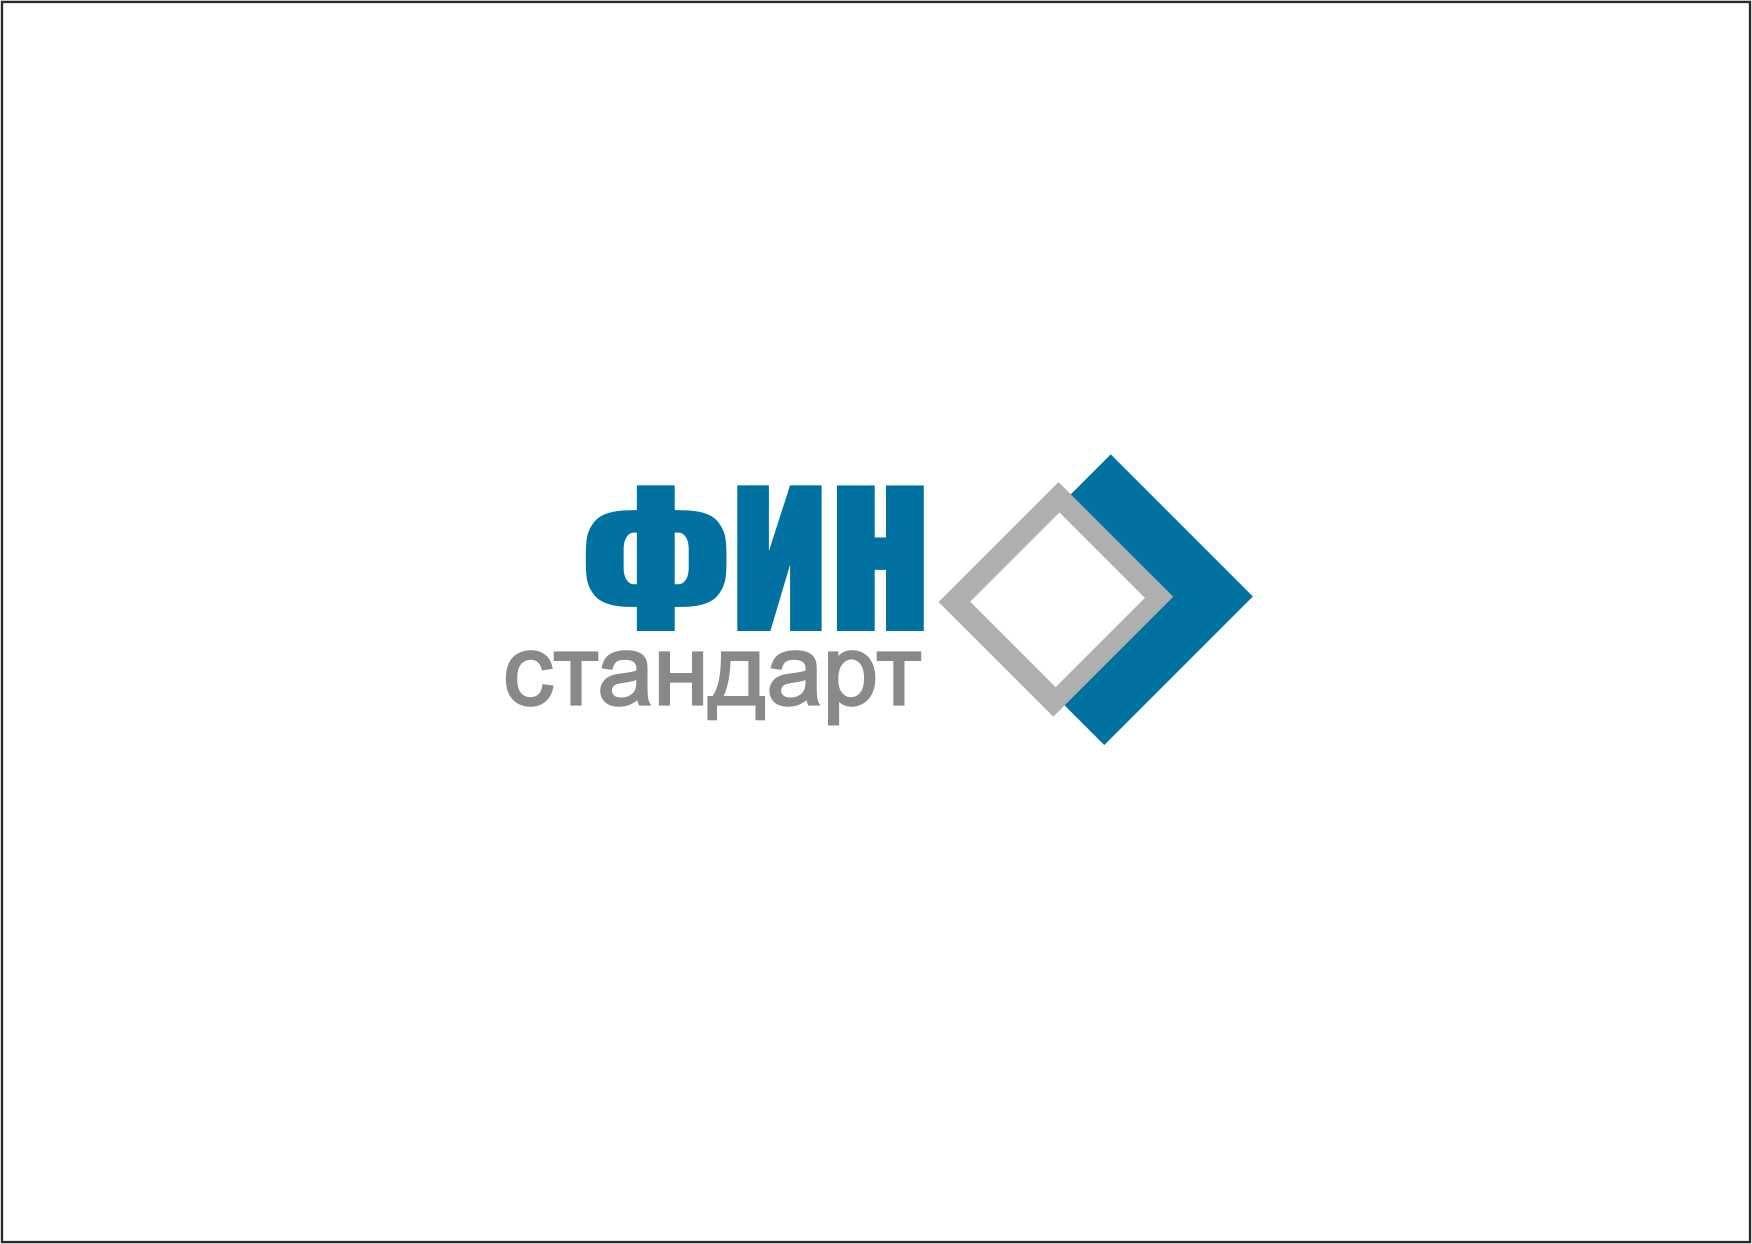 Лого и ФС для ФинСтандарт - дизайнер Marina_L_